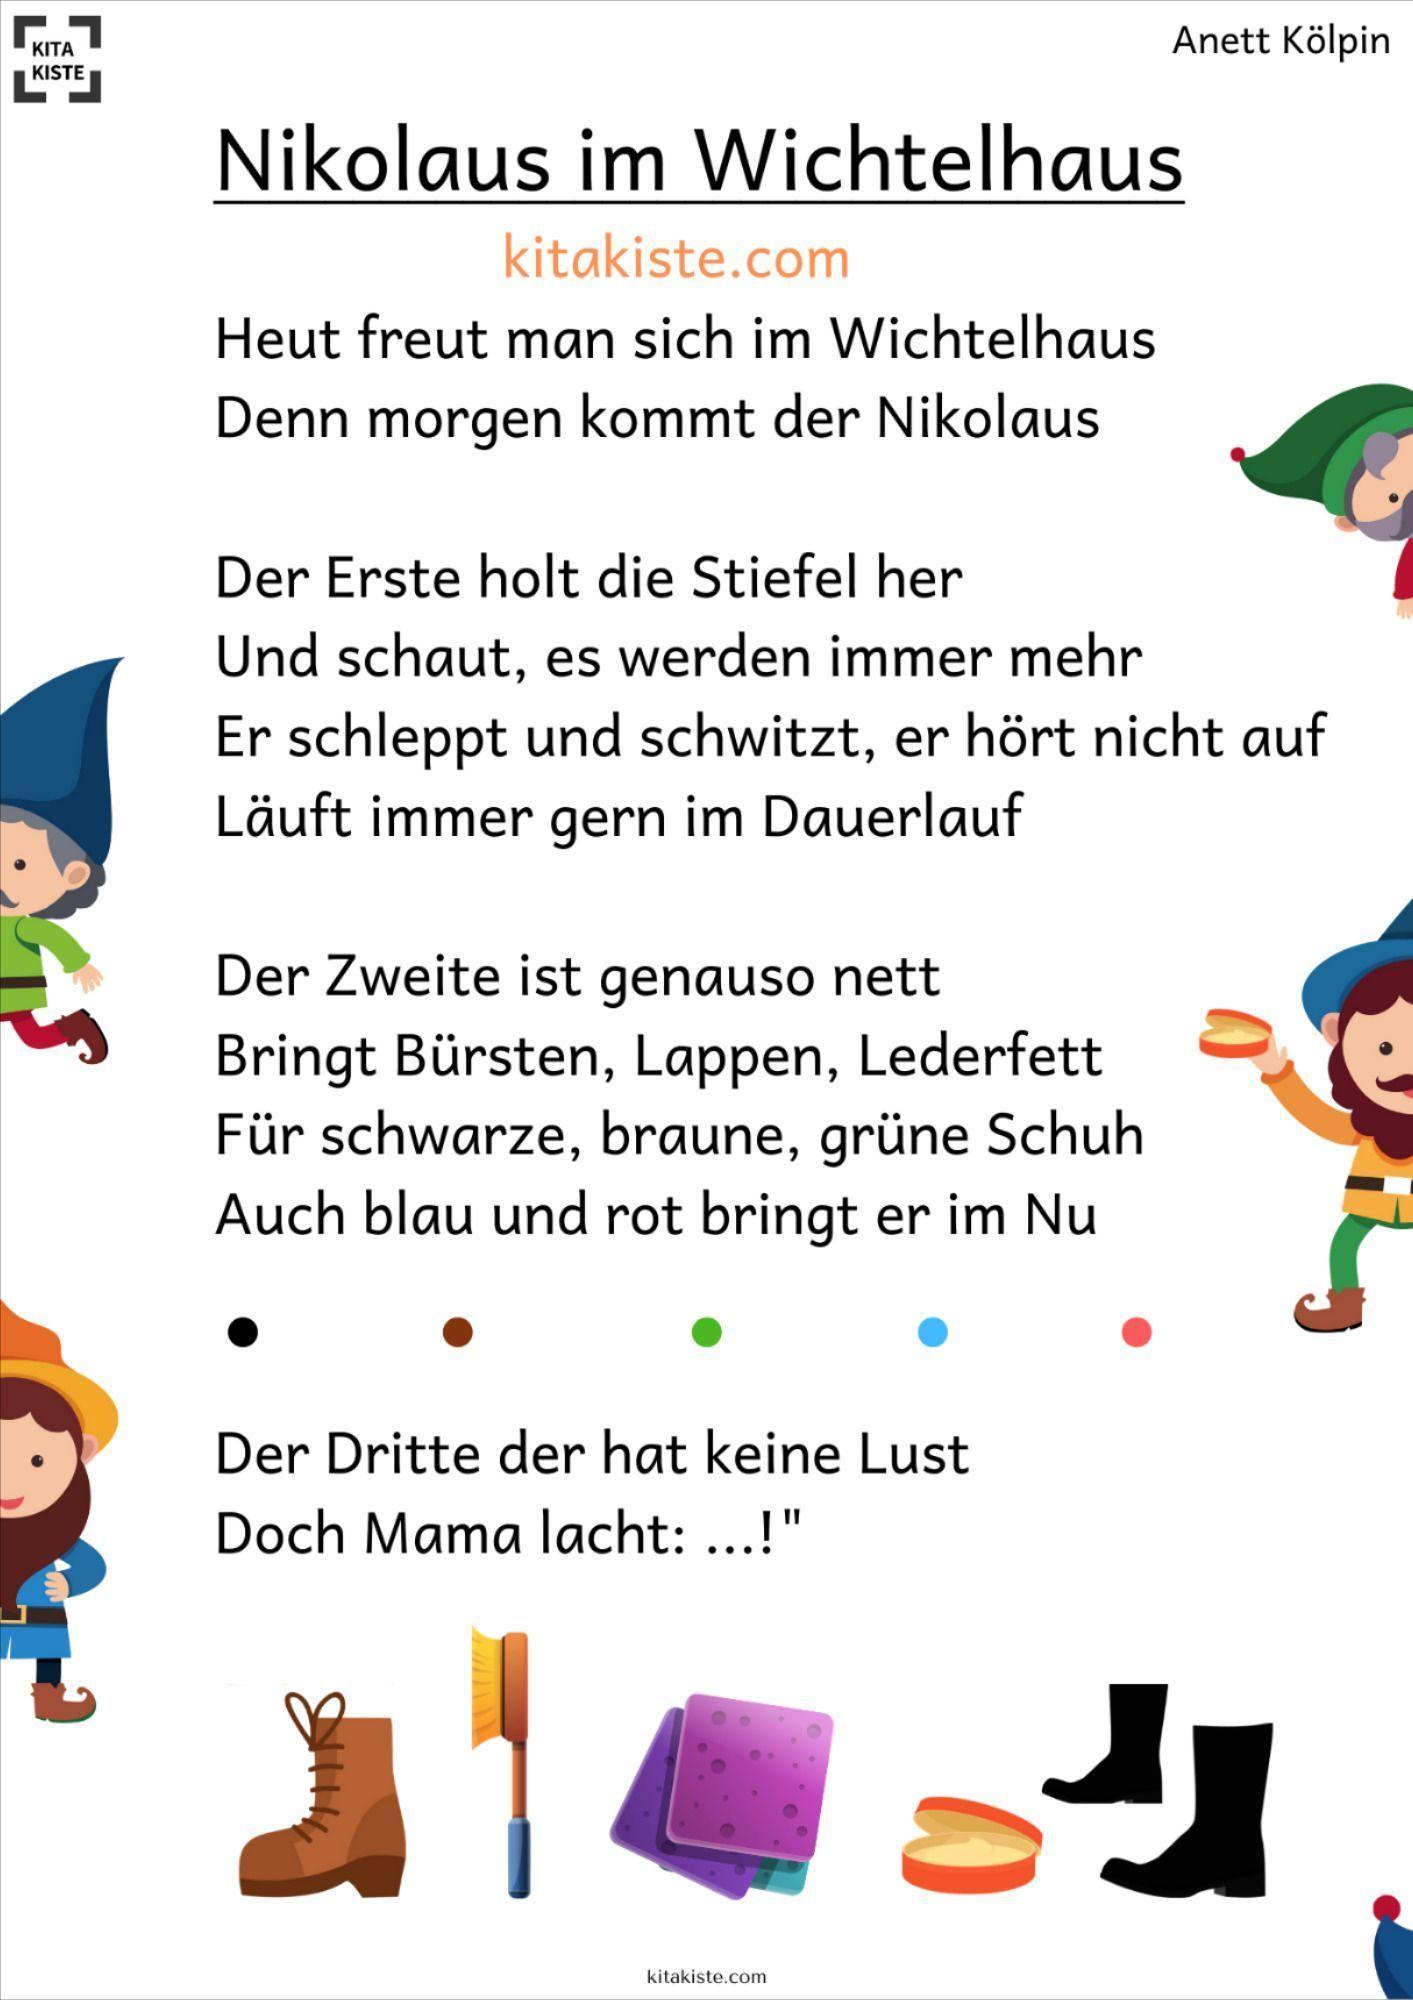 Nikolaus Im Wichtelhaus 2 Versionen Tischdekoweihnachtenbasteln Nikolausgeschenk Nikolaus Im Wichtelha Nikolaus Lieder Nikolaus Weihnachtsratsel Fur Kinder